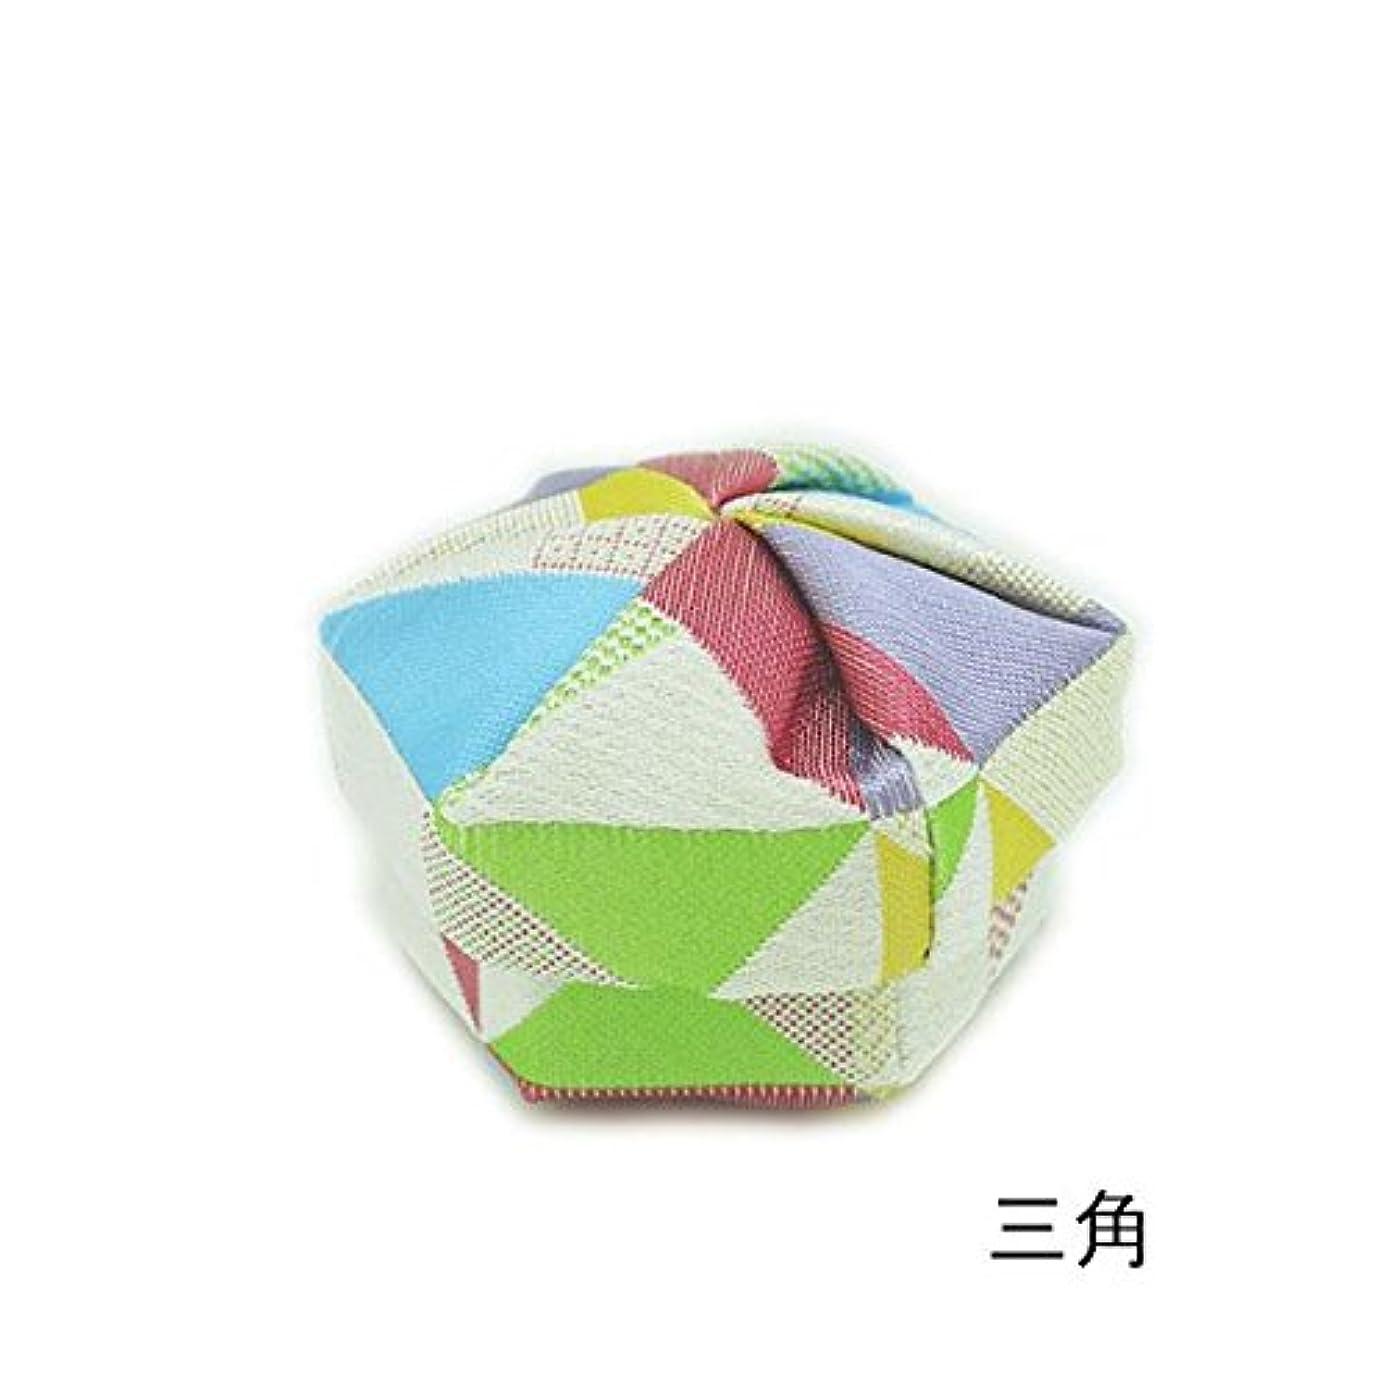 説明するスクリーチ政令なにいろ 布香合  (三角)